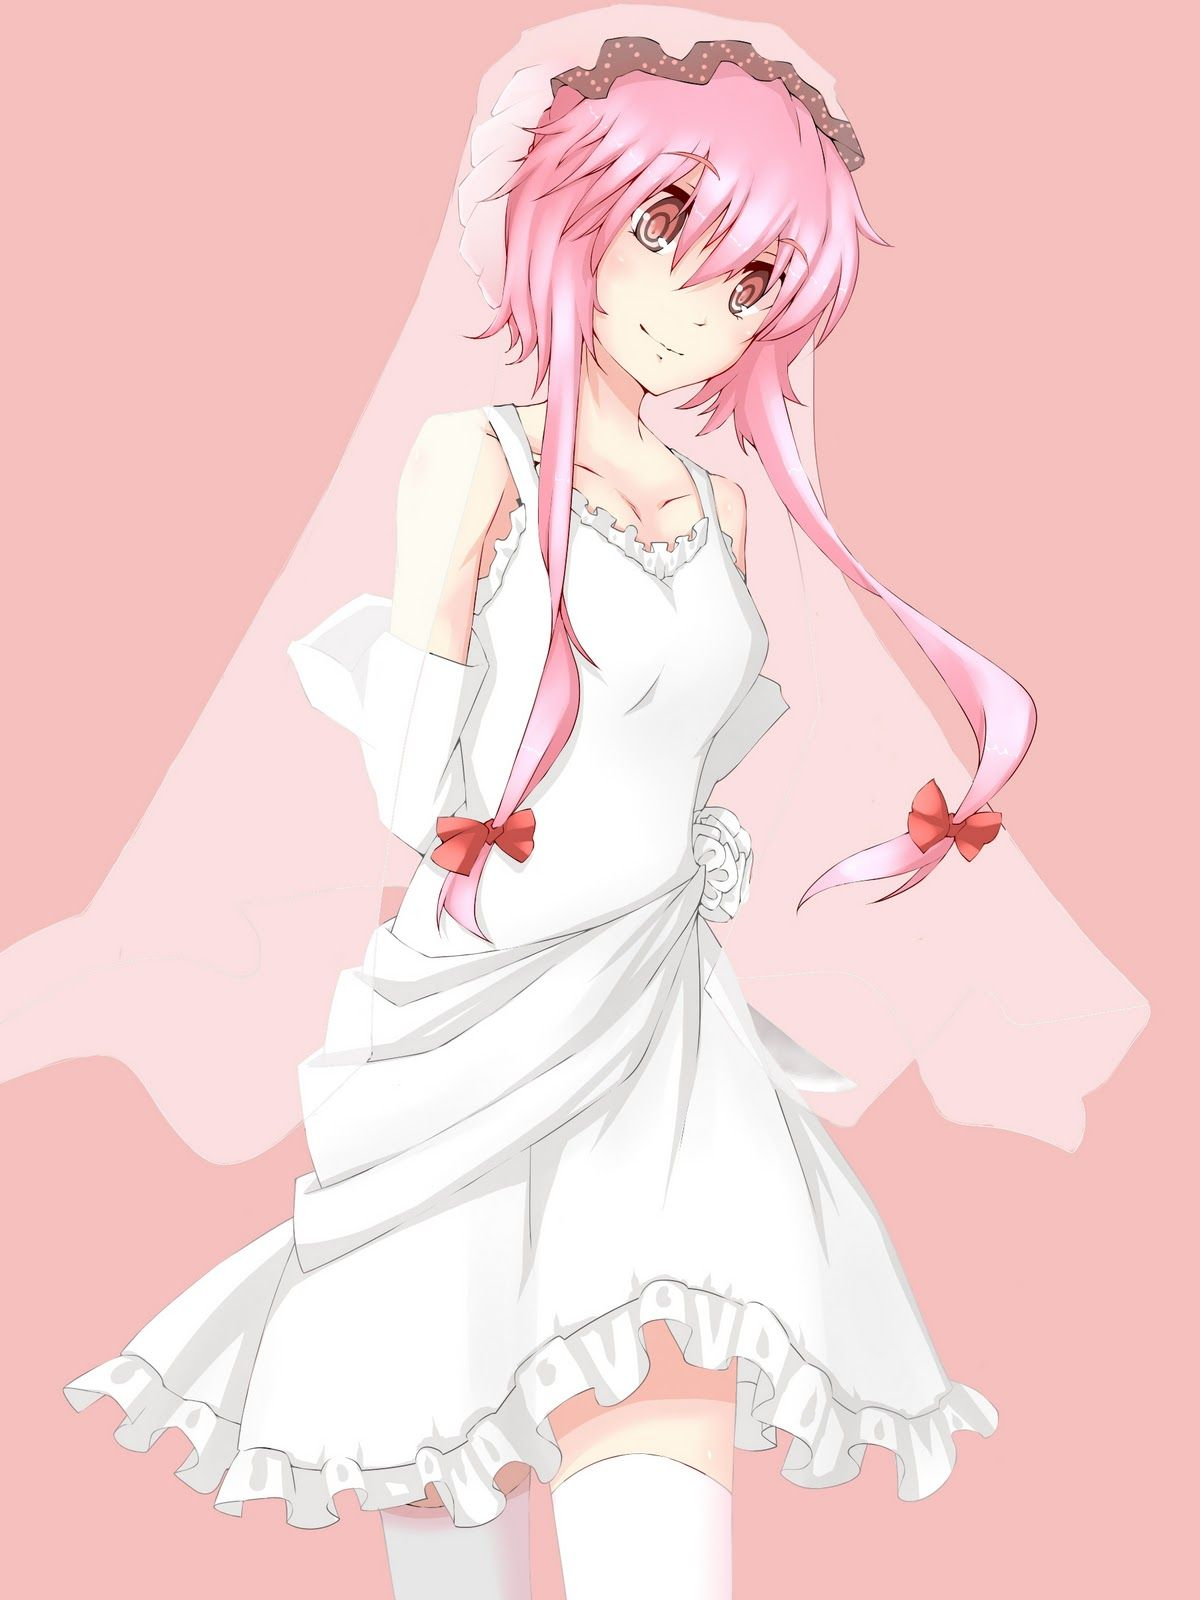 Yuno looks so cute in a wedding dress. I feel sorry the Yuki was ...